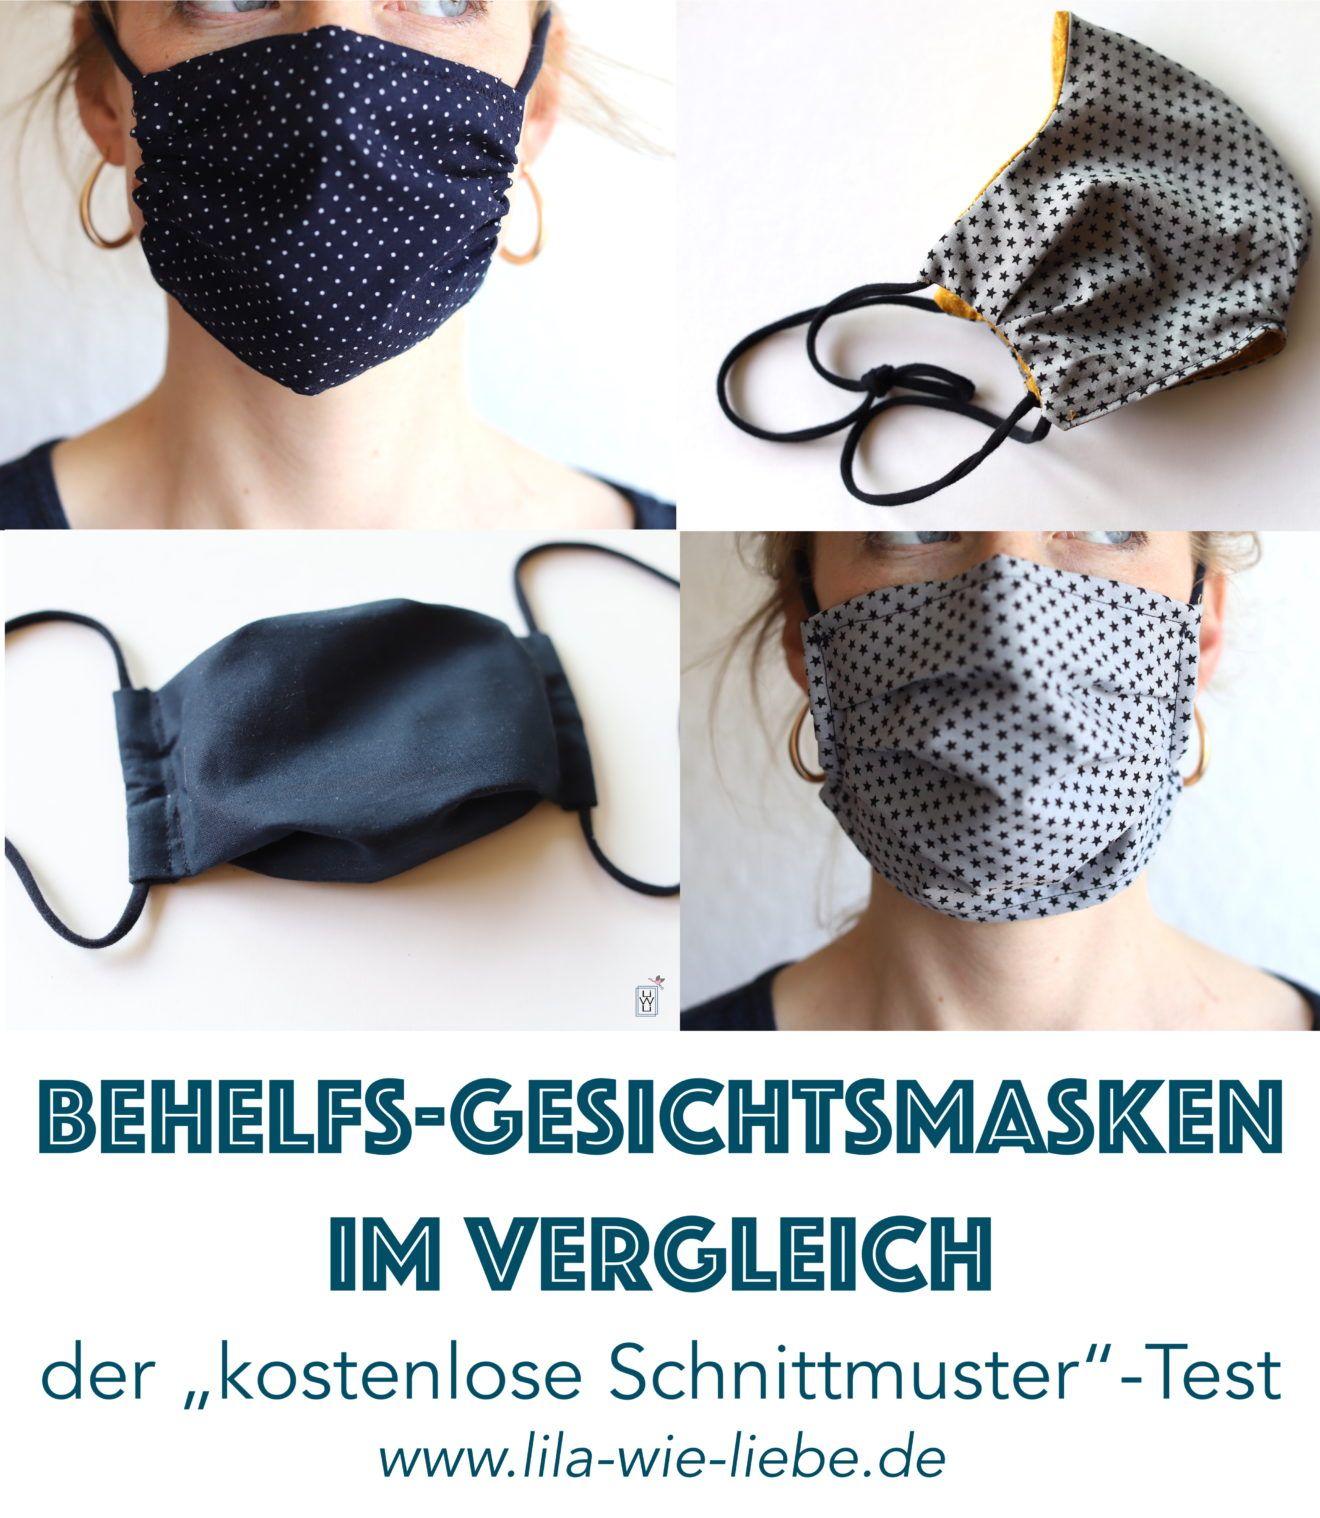 Gesichtsmaske / Atemschutz nähen - Kostenlose Anleitungen im Vergleich - Lila wie Liebe